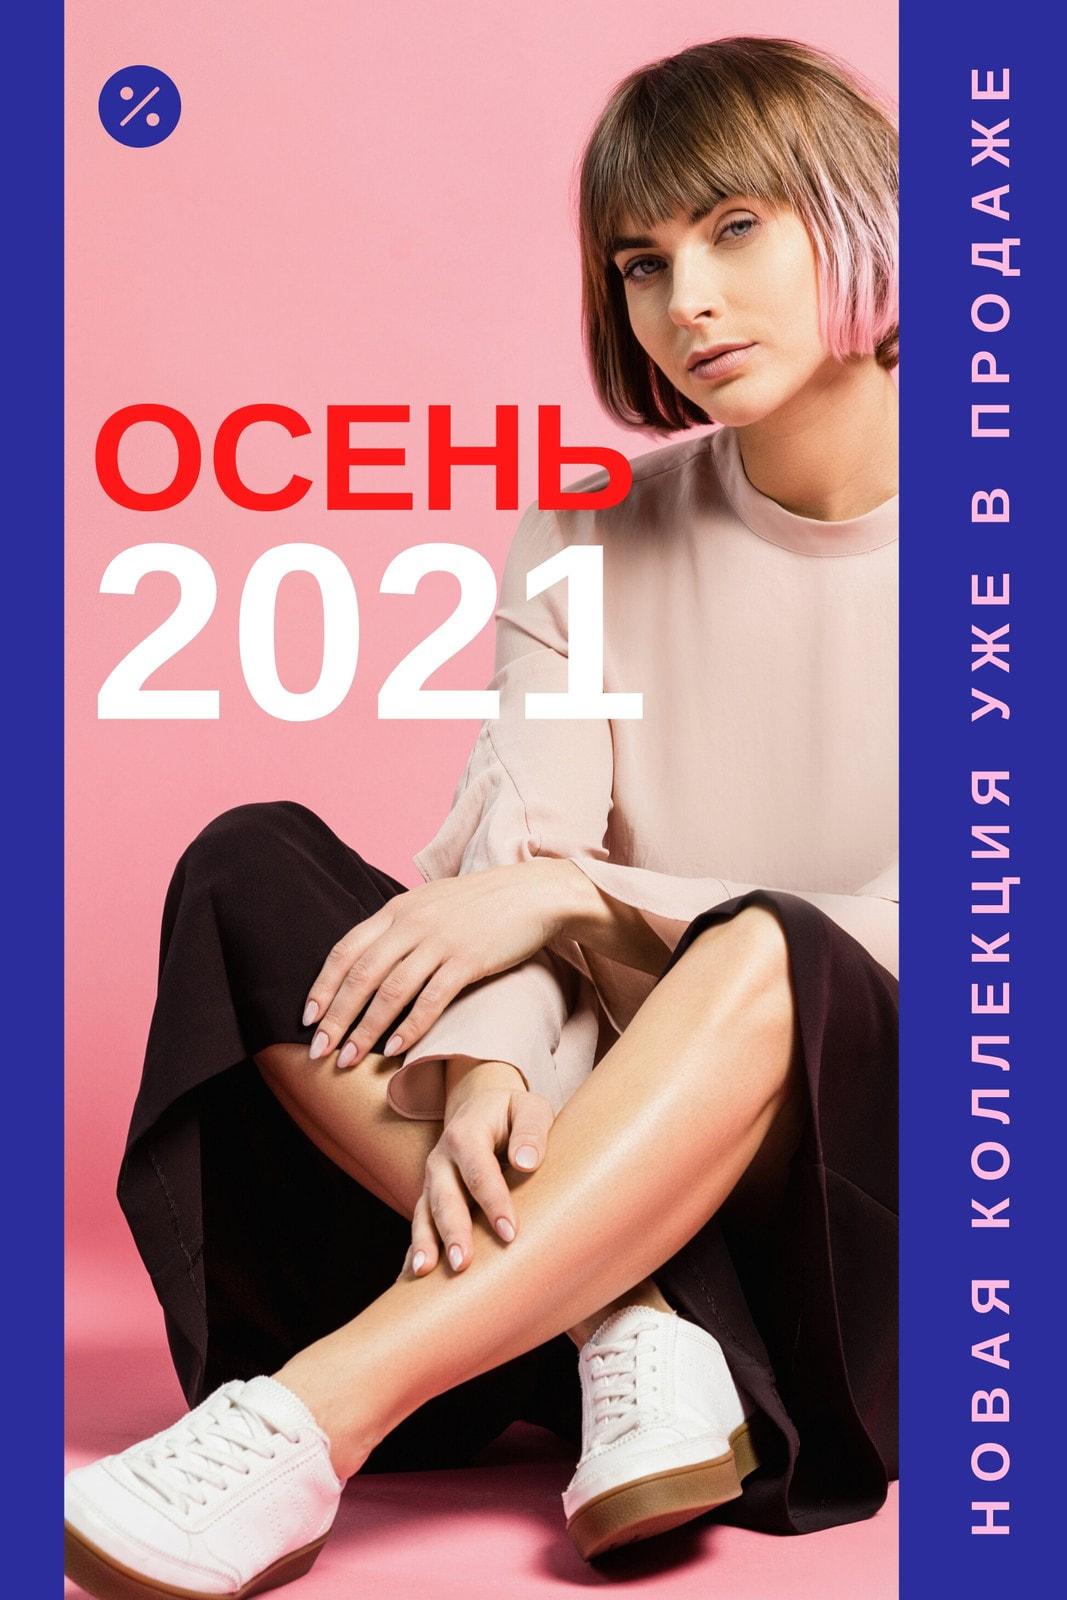 Синее и розовое изображение профиля ВК с фотографией девушки